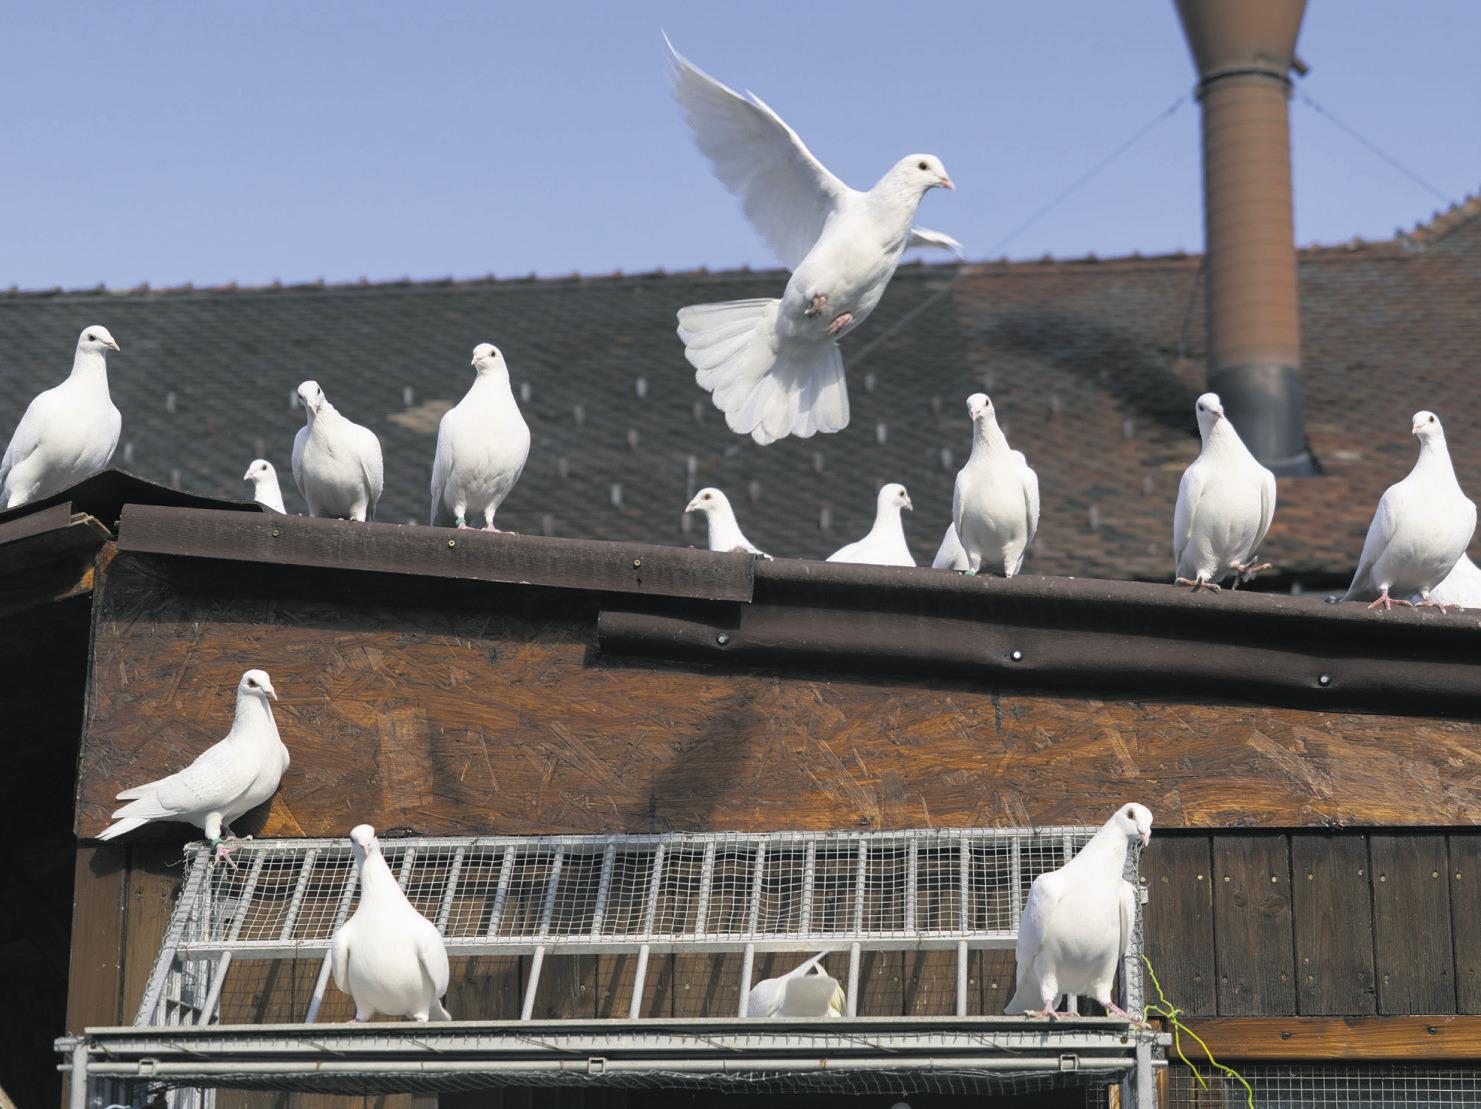 Die weissen Tauben fliegen f fort